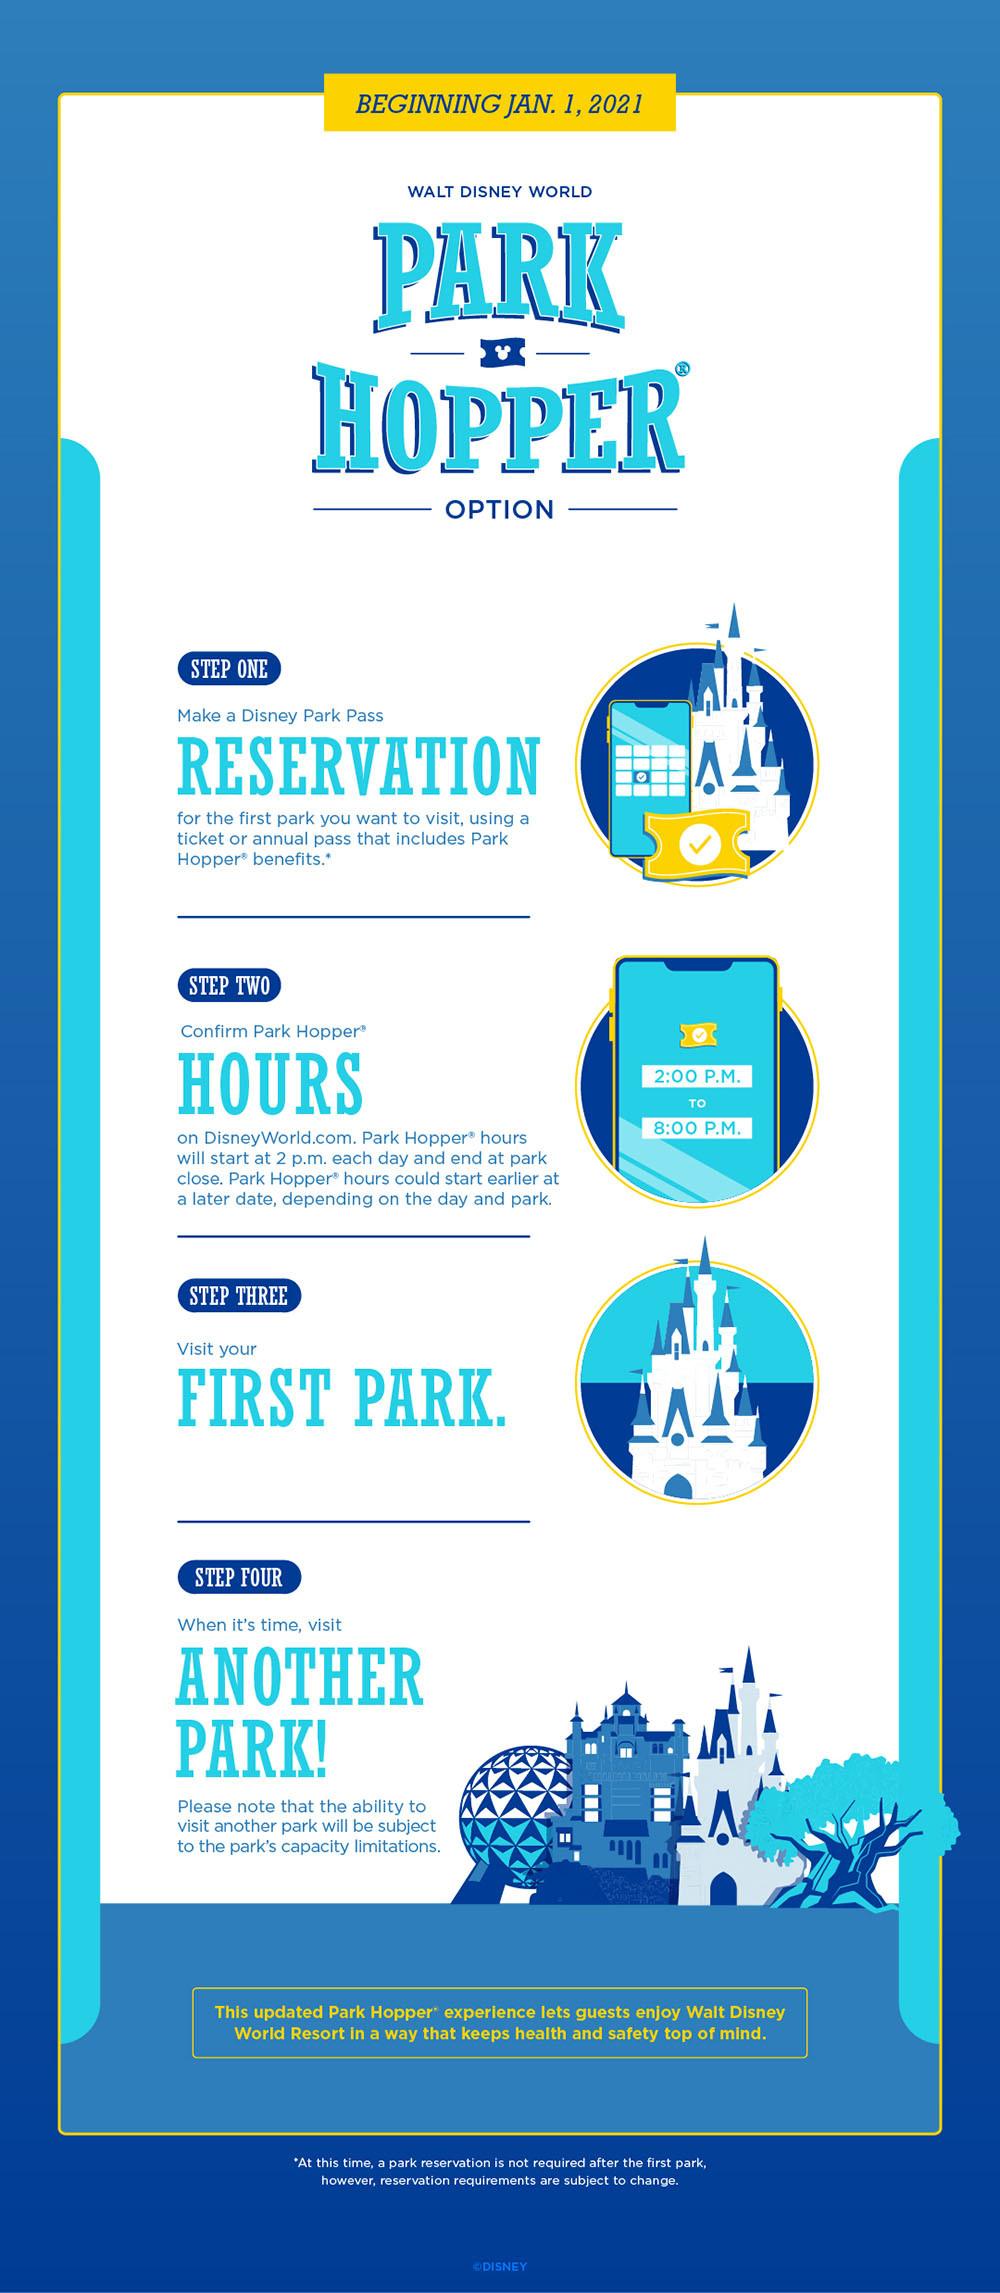 BREAKING: Park Hopper Option Returning to Walt Disney World Starting January 2021